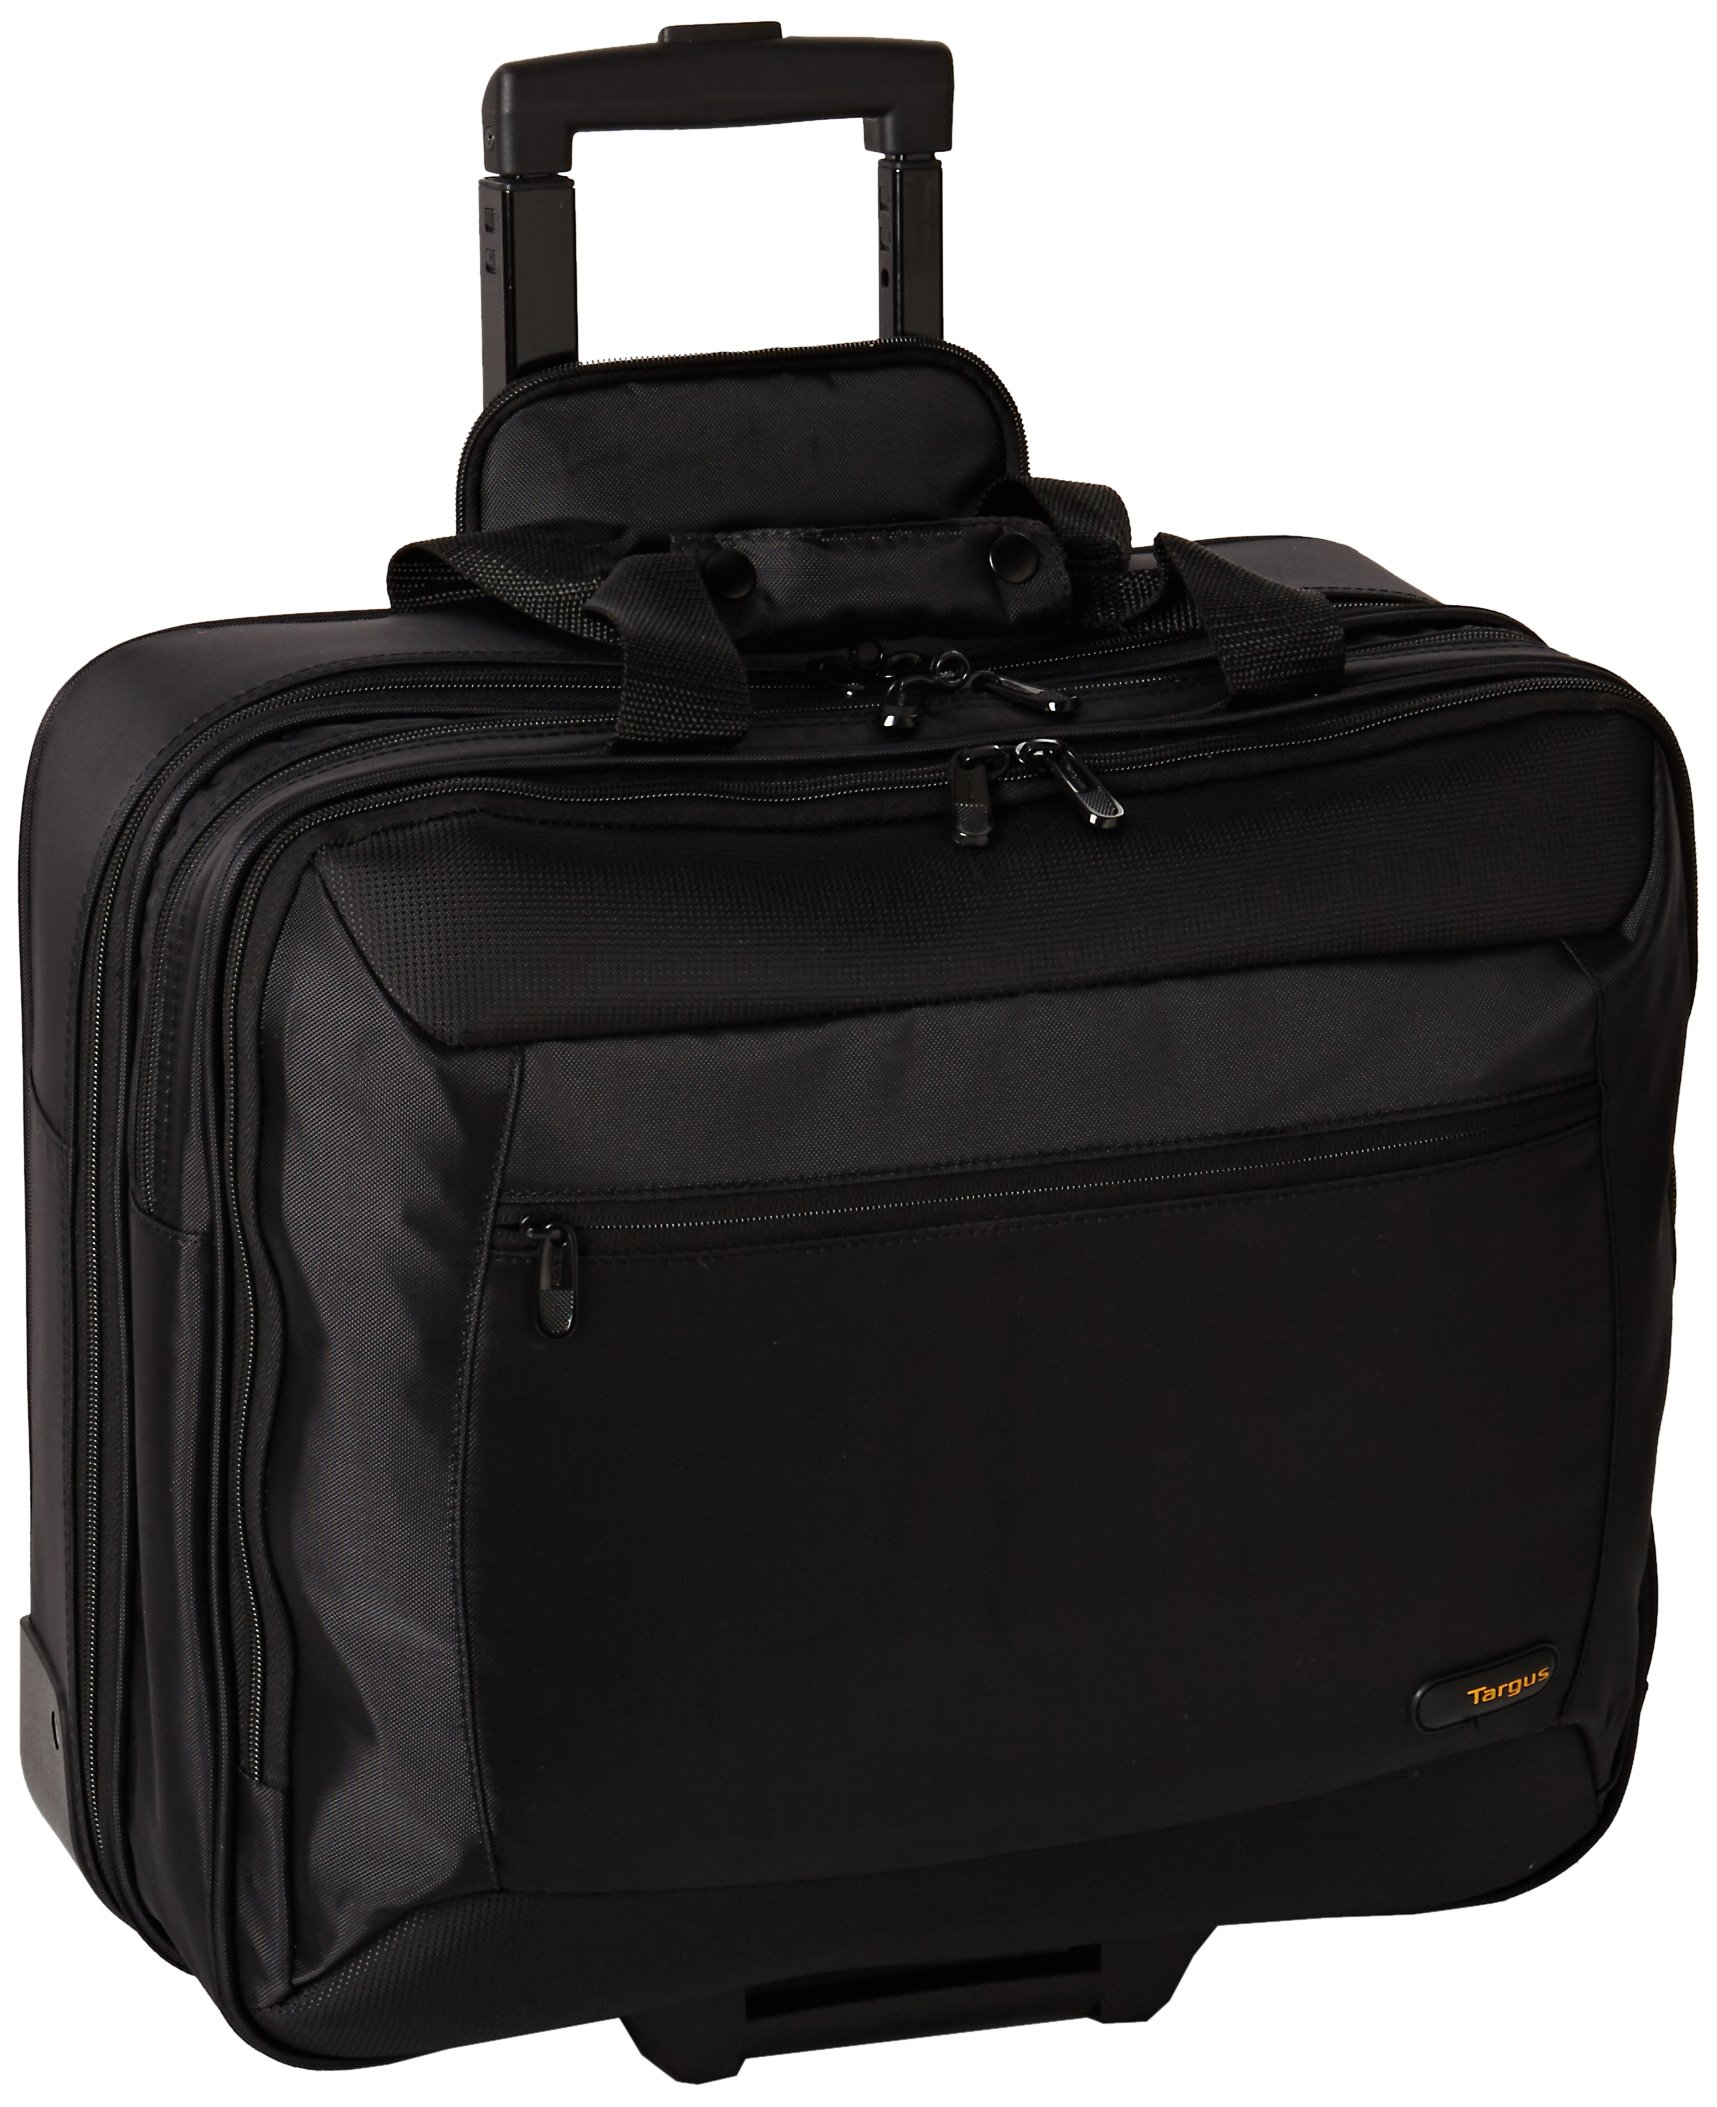 Targus CityGear Rolling Travel Case for 17.3-Inch Laptops, Black (TCG717) by Targus